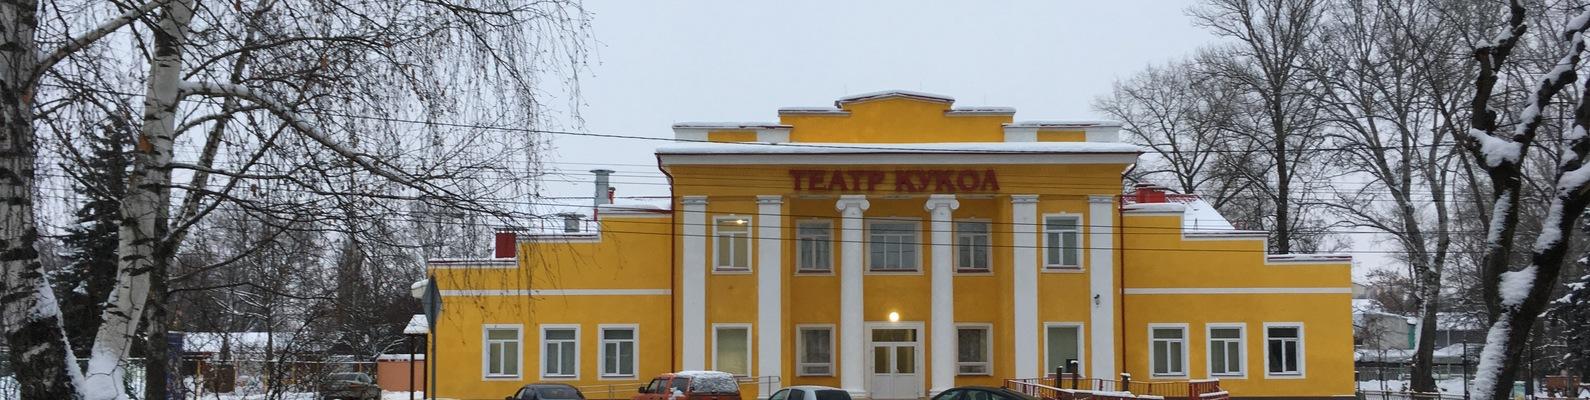 Билета в кукольный театр в брянске сколько стоят билеты на концерт mband